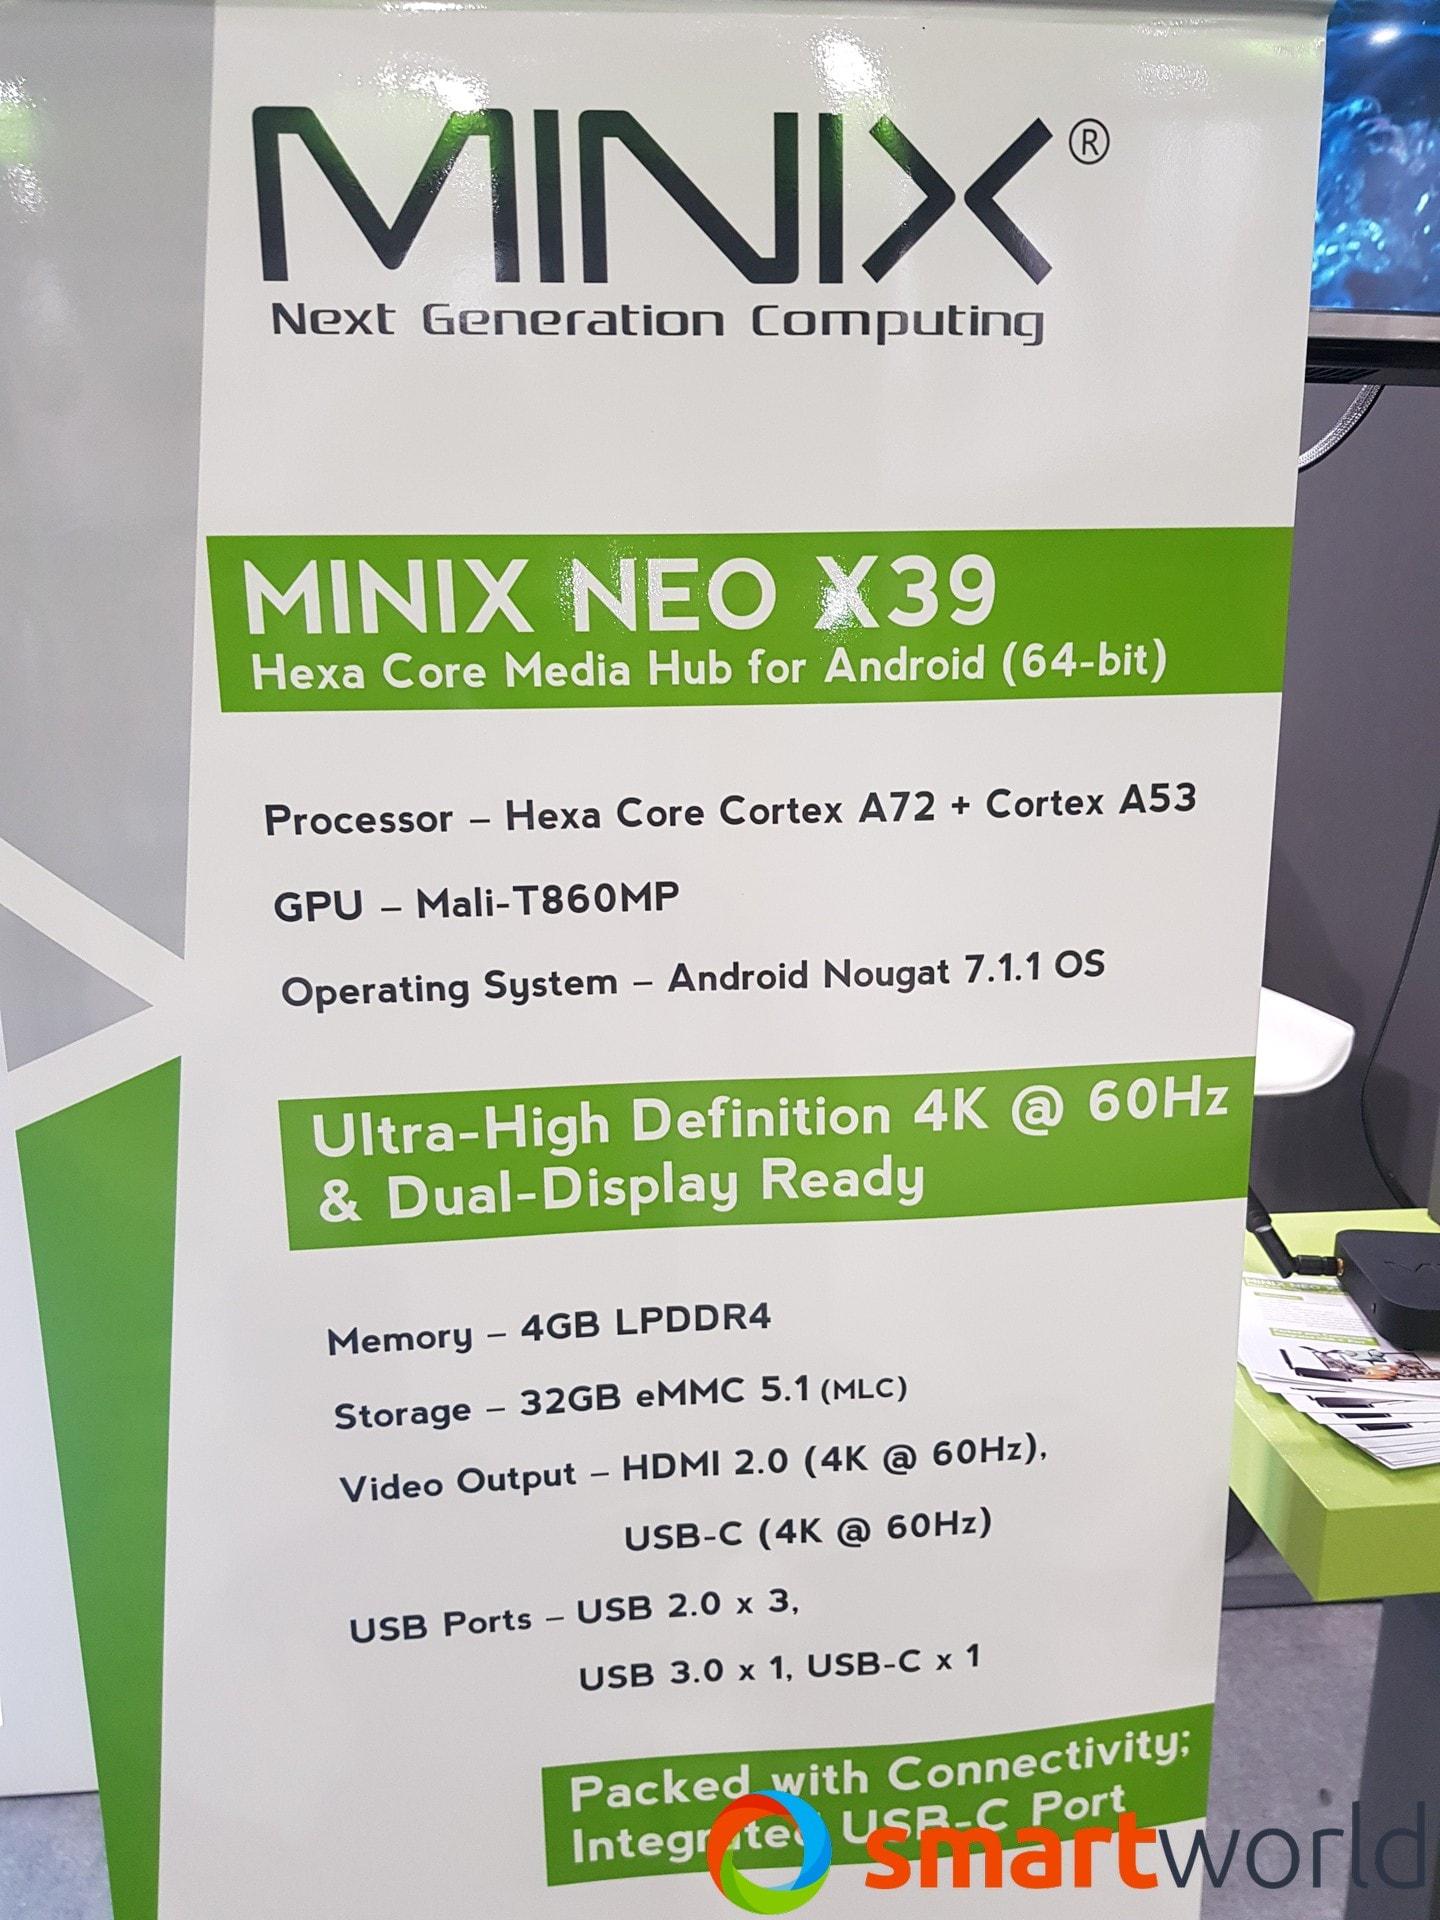 minix ifa 2018 (1)